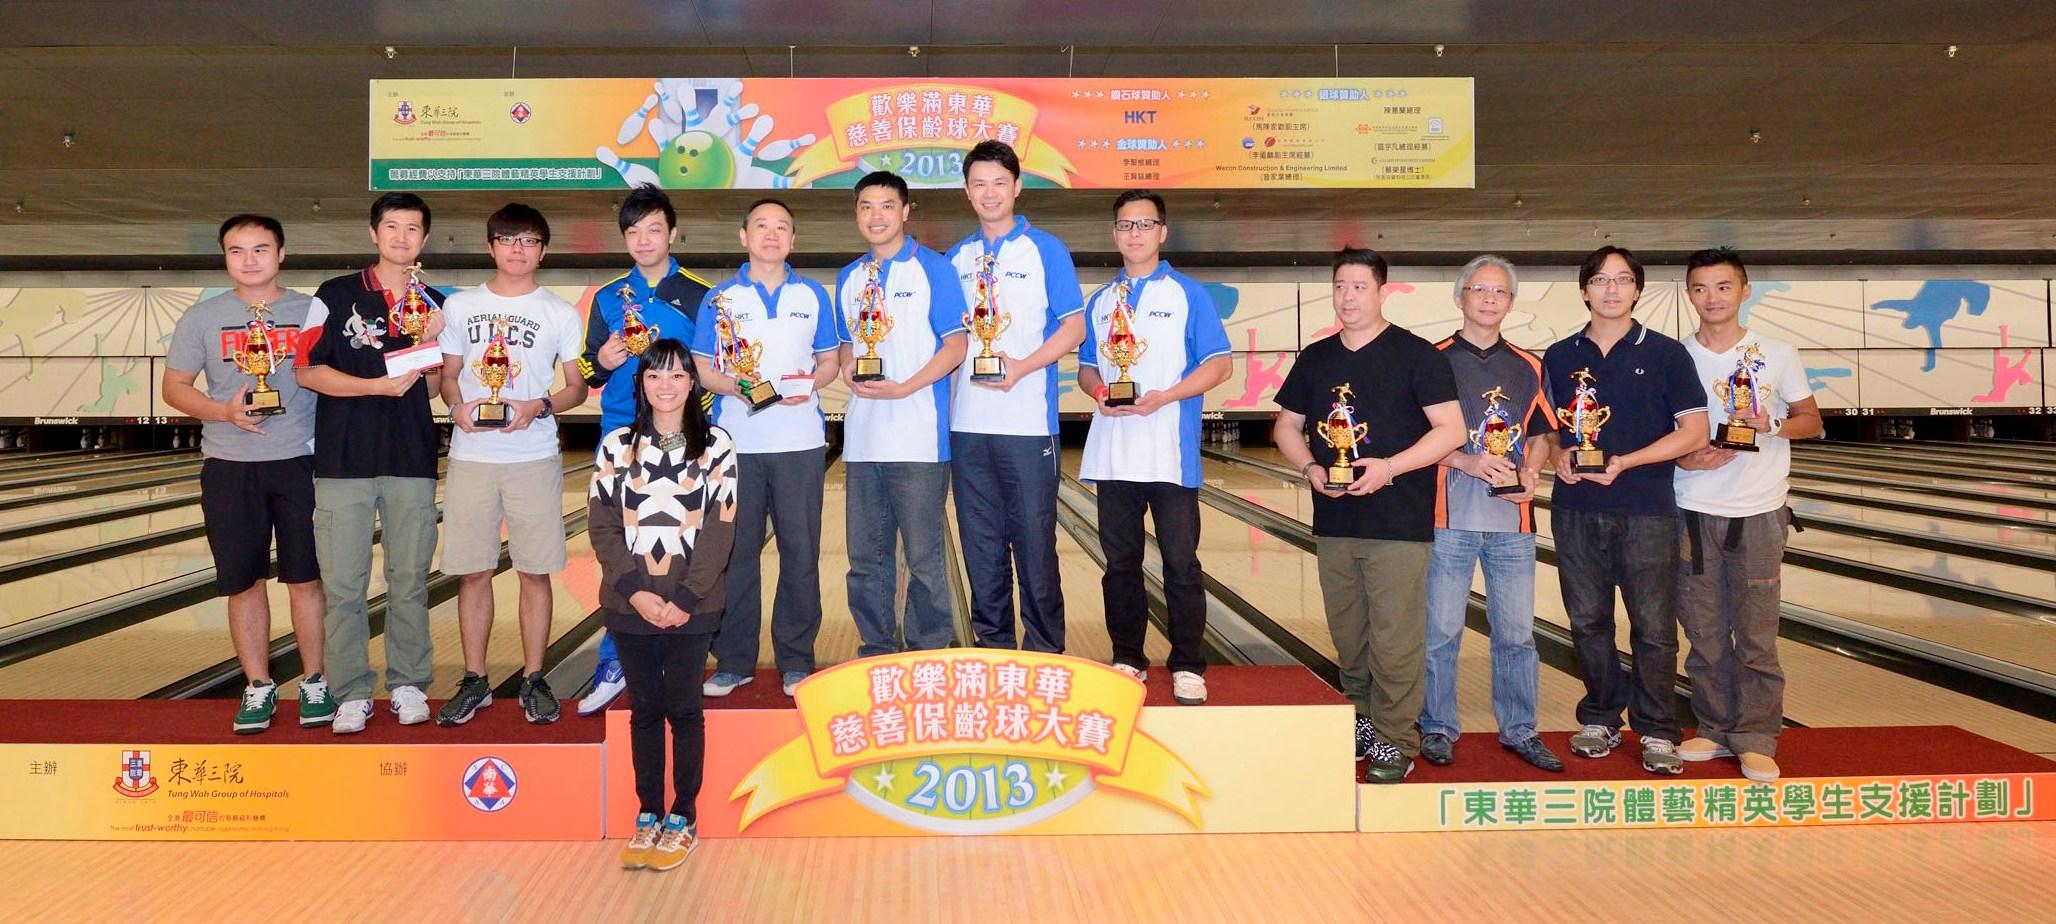 東華三院馬陳家歡副主席(前排)頒獎予愛心盃得獎隊伍。